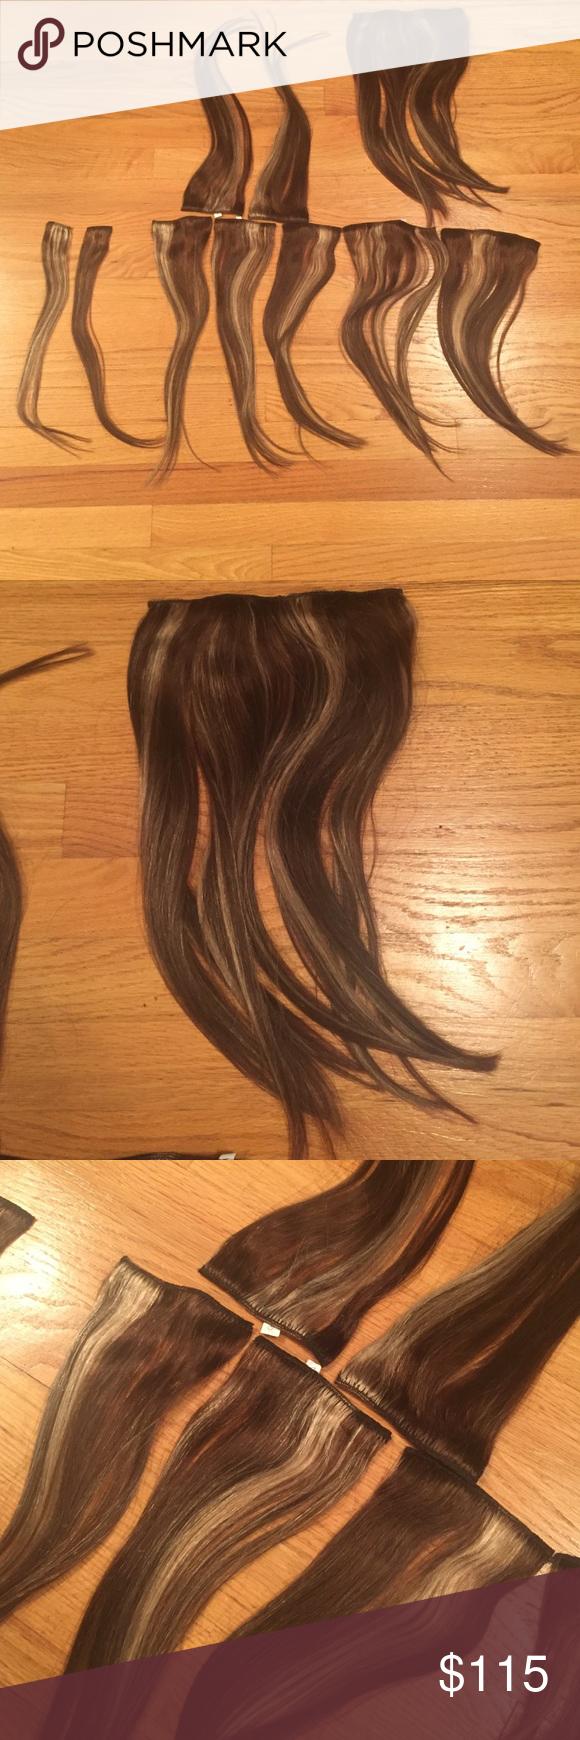 Headkandy Human Hair Extensions Brunette 16 18 Inch Length Human